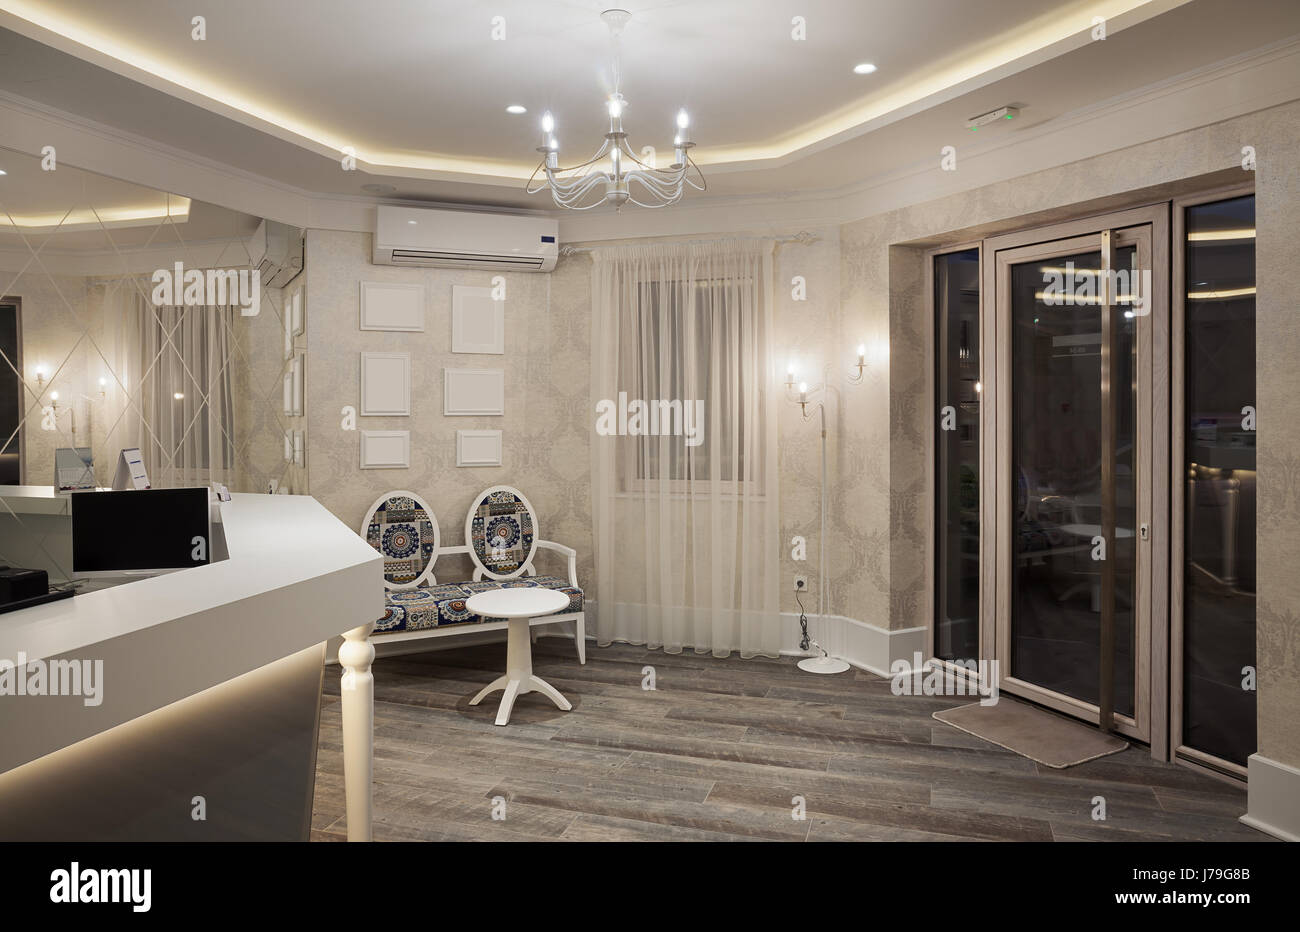 modernes mobel design, ein modernes und neues hotel, details der rezeption zimmer, Design ideen